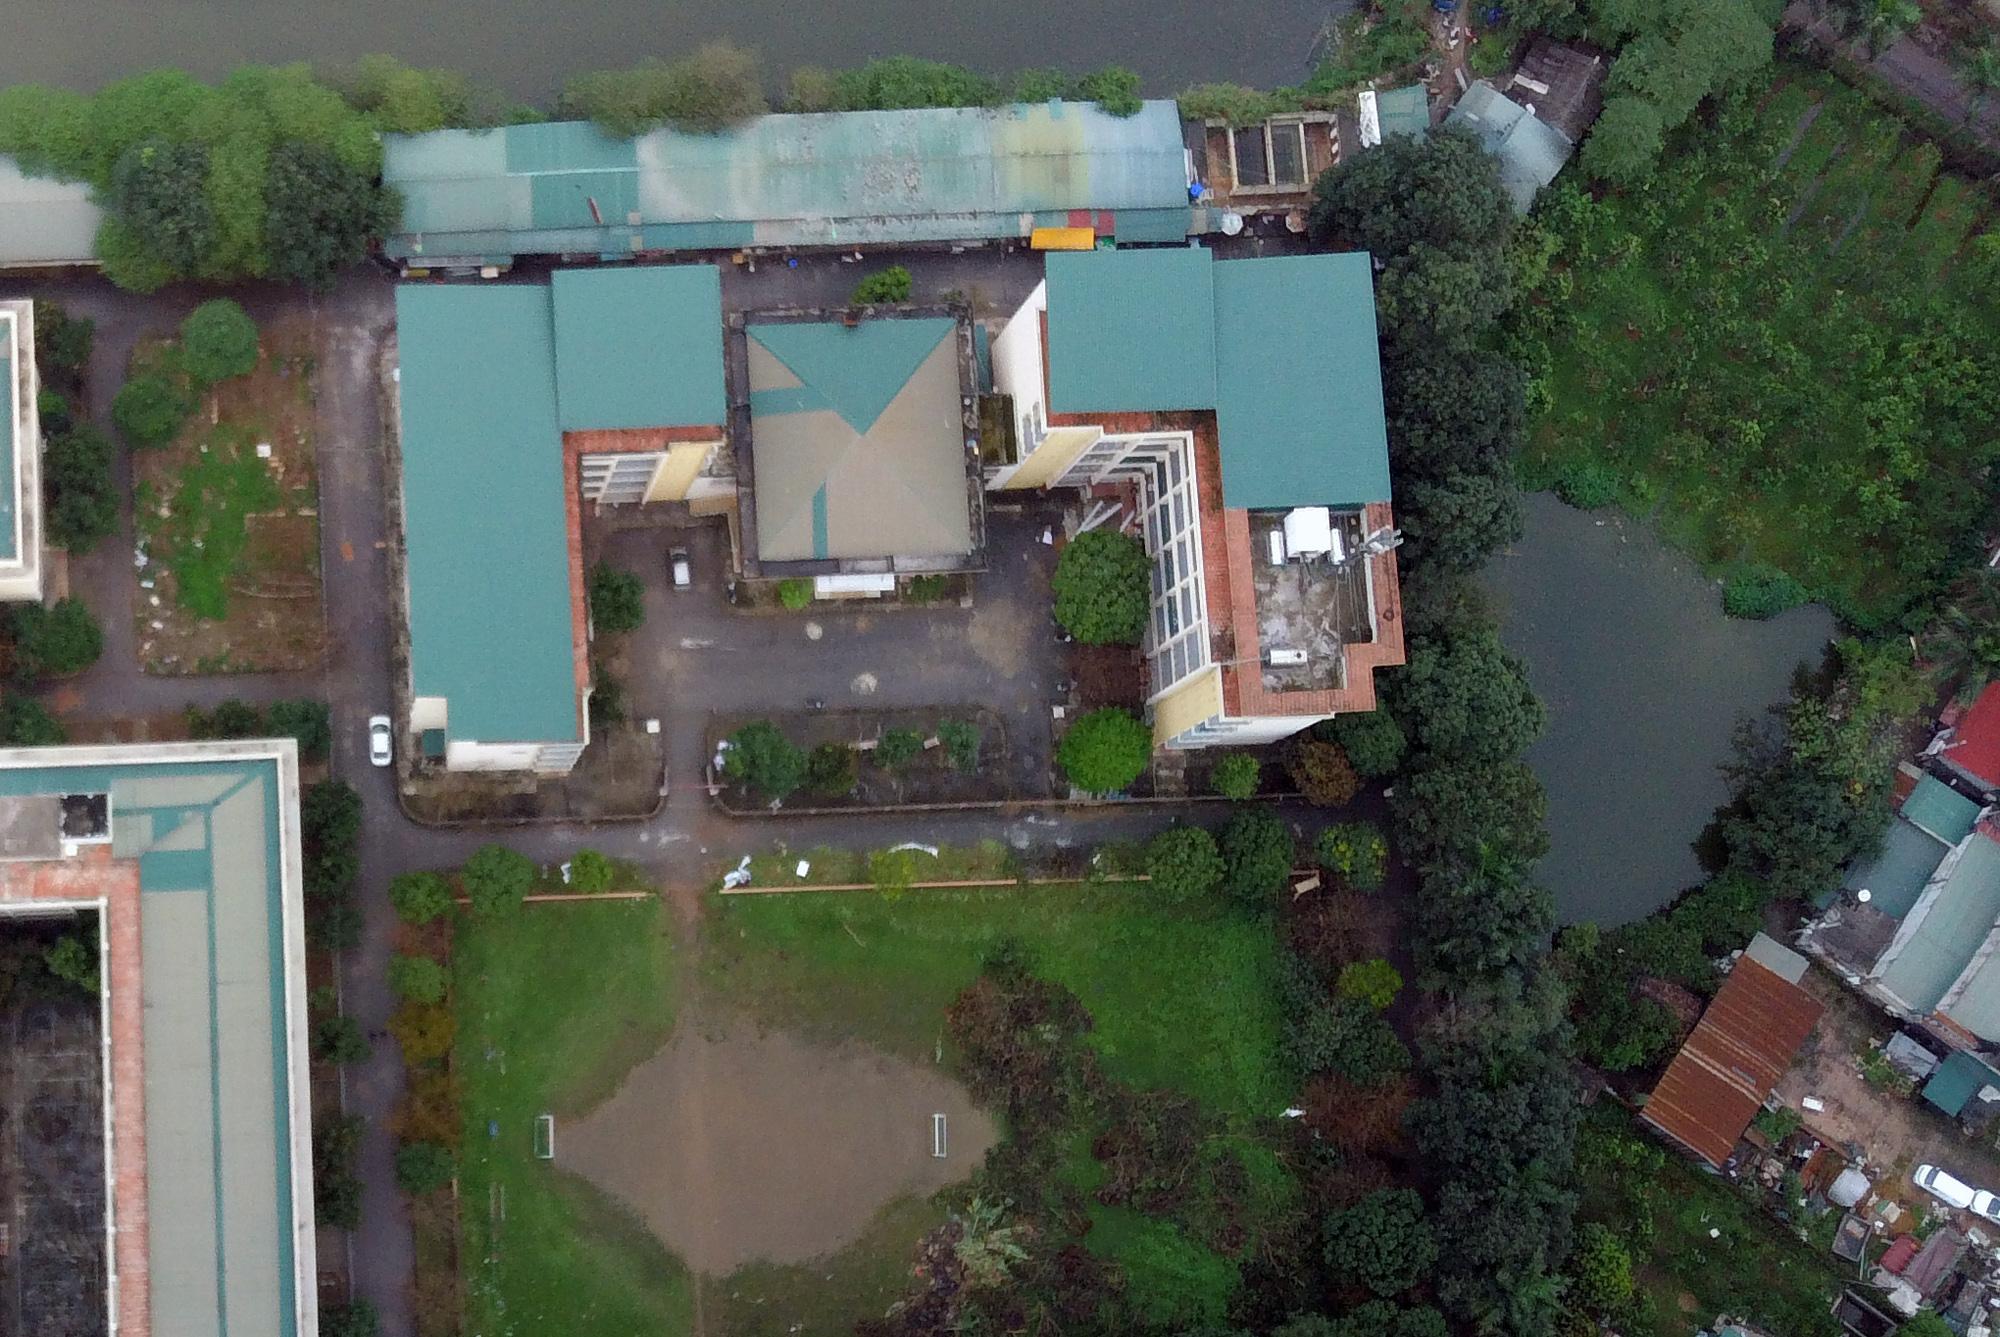 Cận cảnh khu cách li tập trung cho 800 người ở trường Cao đẳng nghề Công nghệ cao Hà Nội - Ảnh 4.